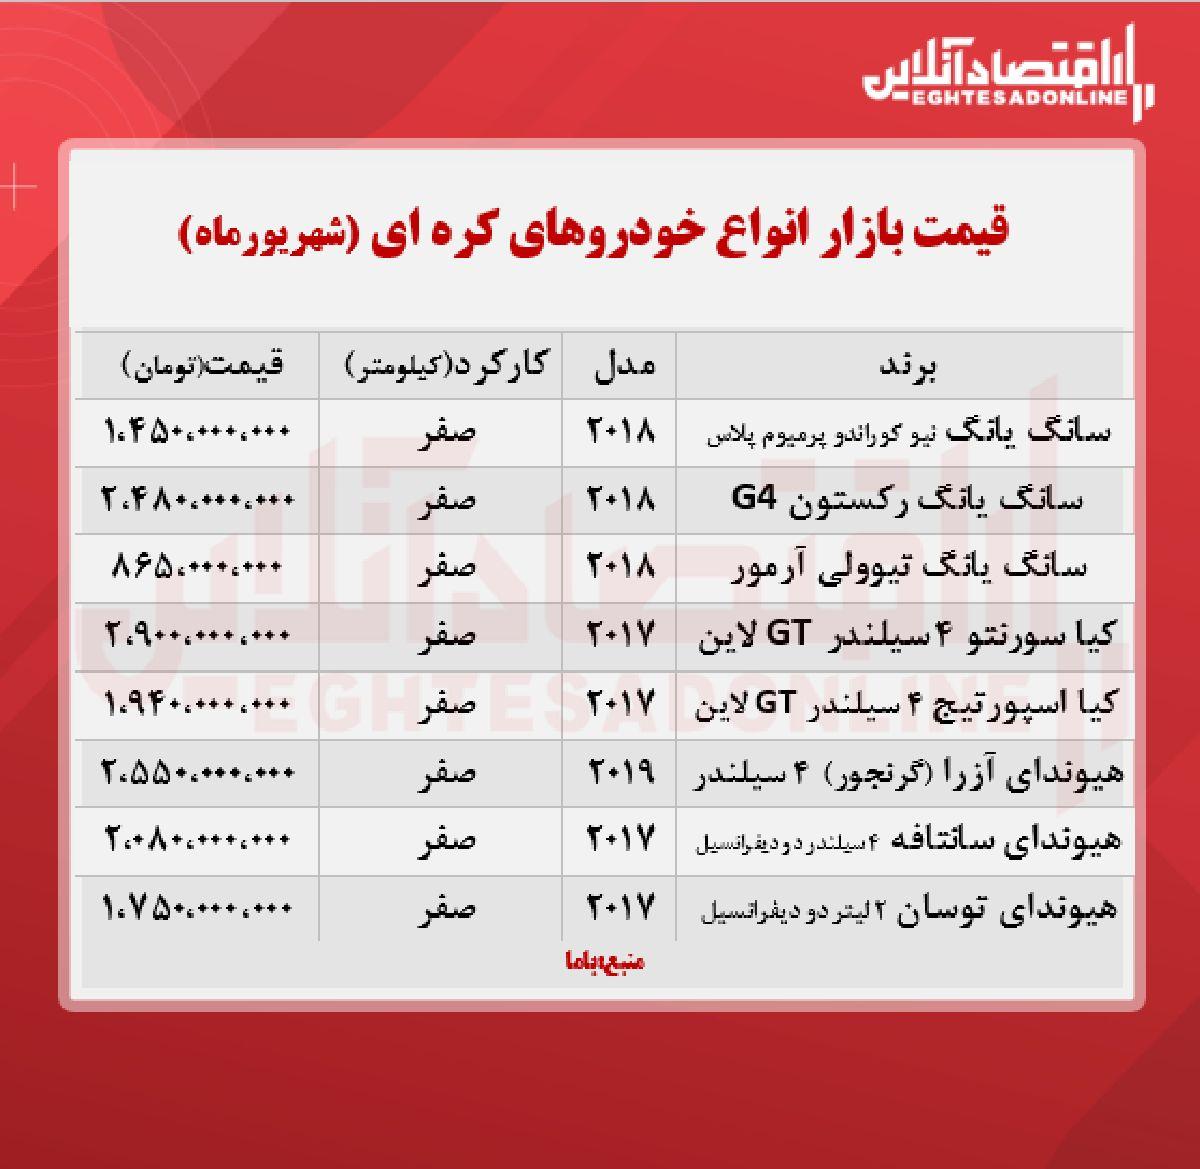 قیمت خودروهای کره ای در تهران + جدول